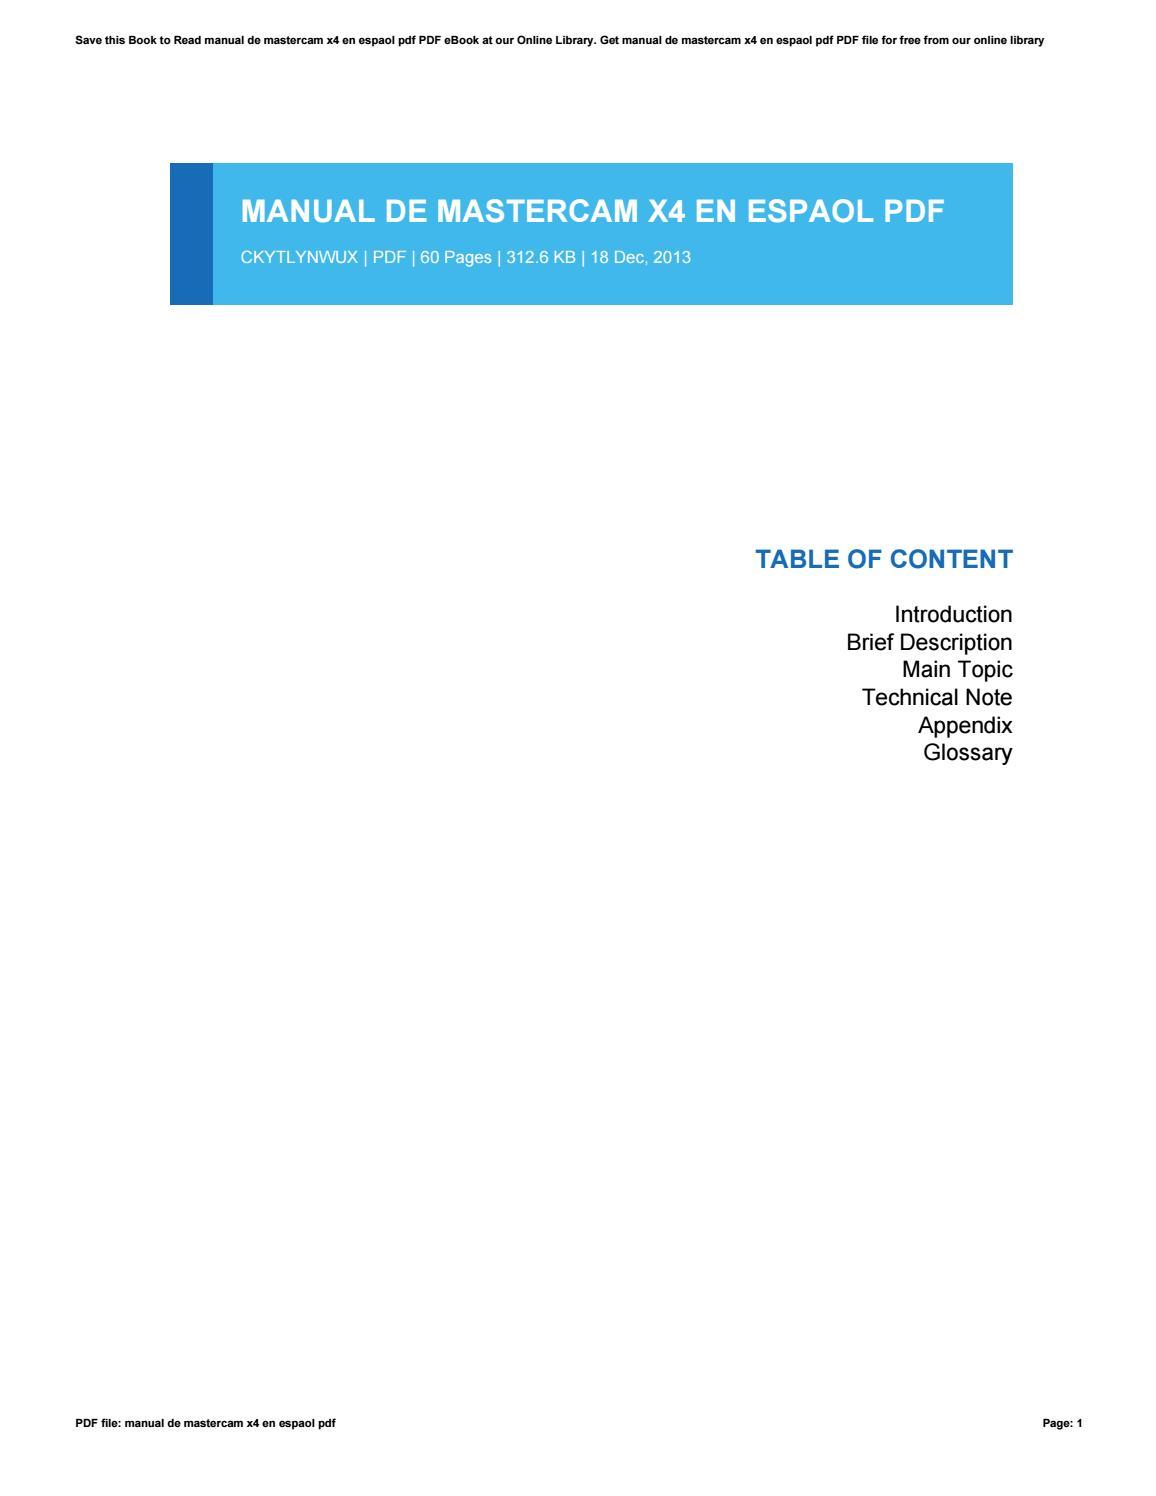 manual de mastercam x4 en espaol pdf by victormurphy3093 issuu rh issuu com Mastercam Latest Version Mastercam X4 Geamtry Chain